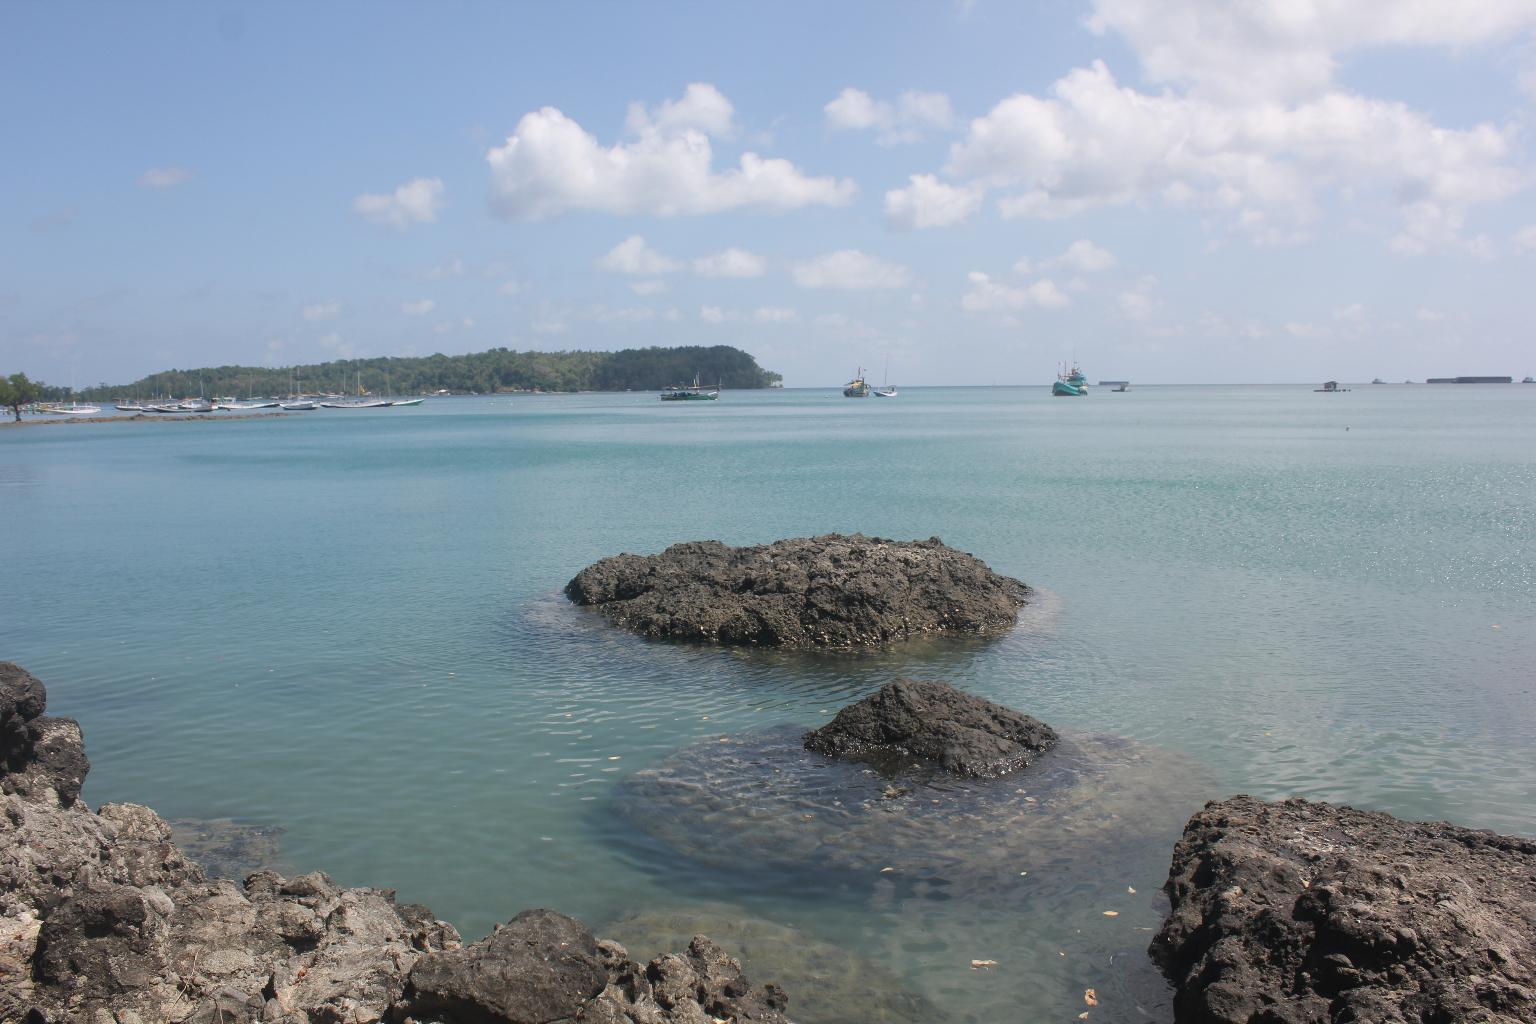 7 Pantai Terbaik Pulau Bawean Rusabawean Ria Bebatauannya Indah Mayangkara